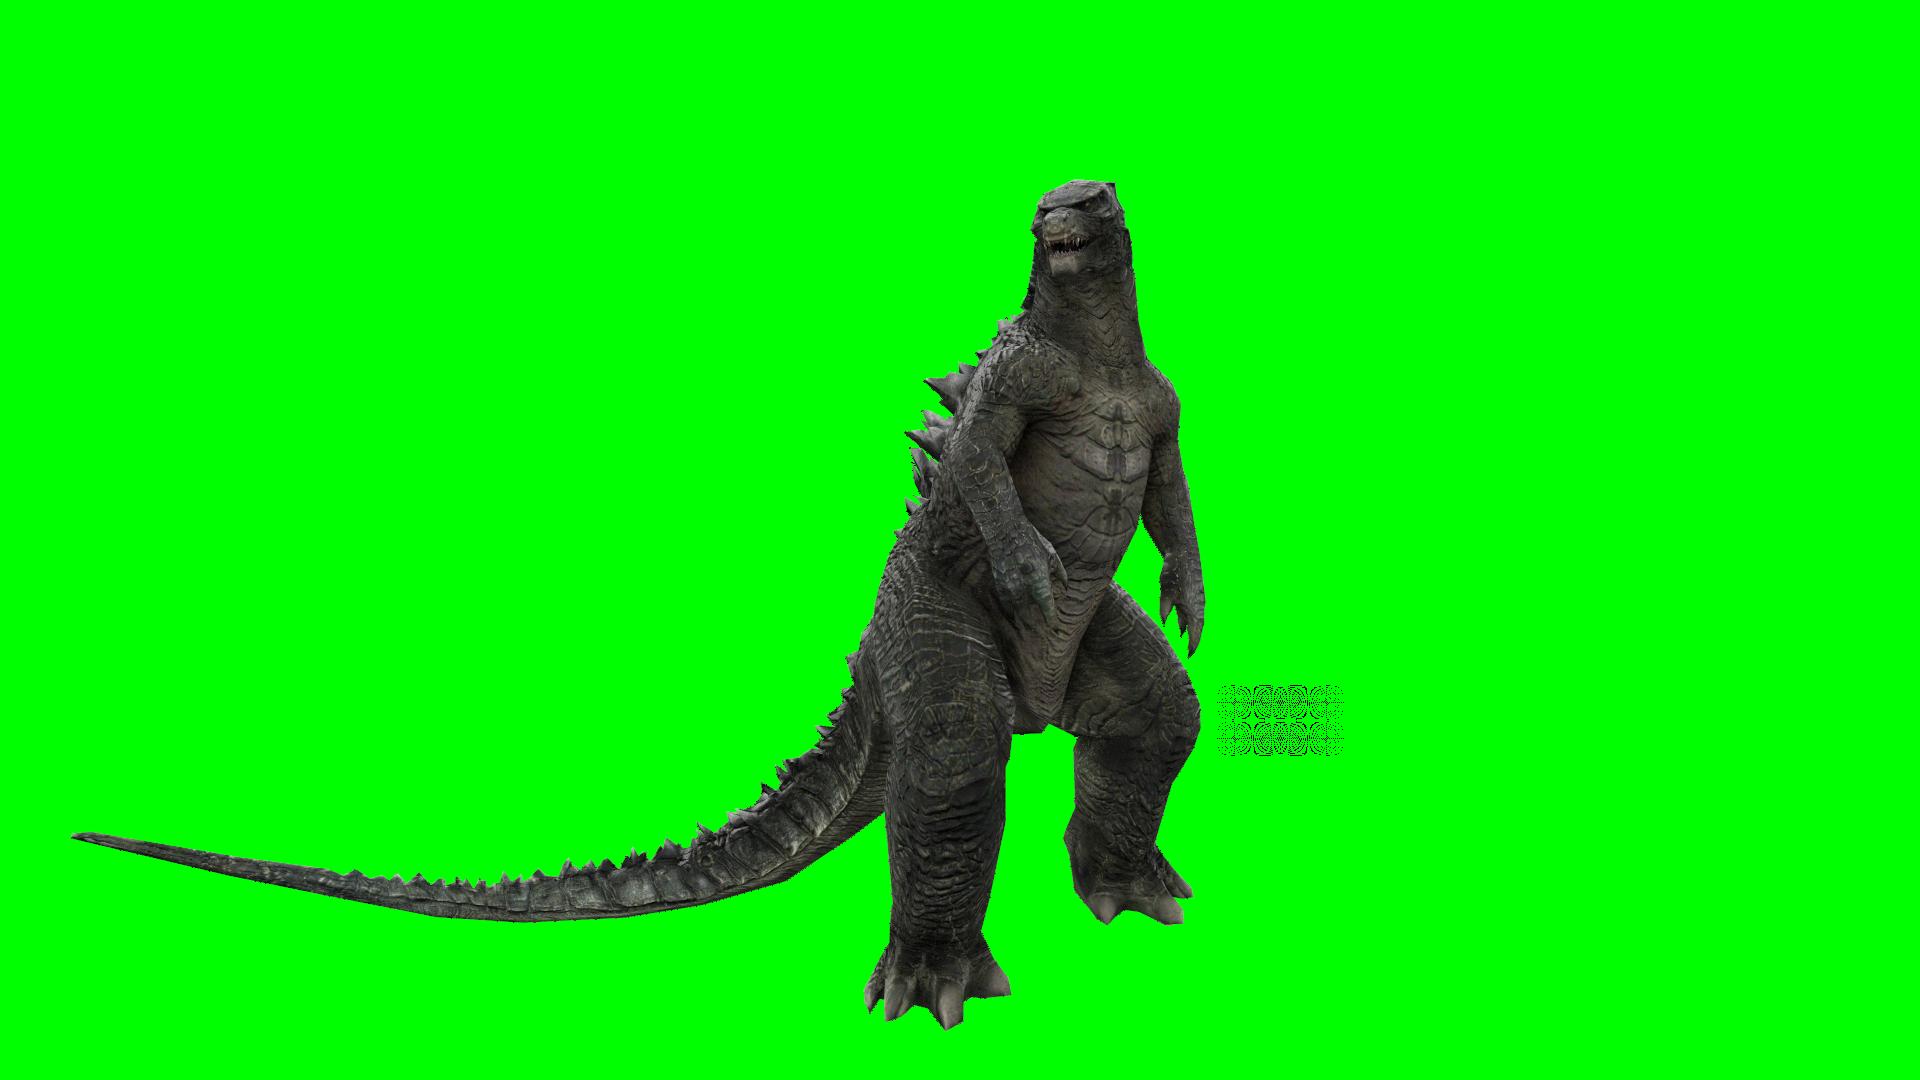 Godzilla PNG HD - 126770